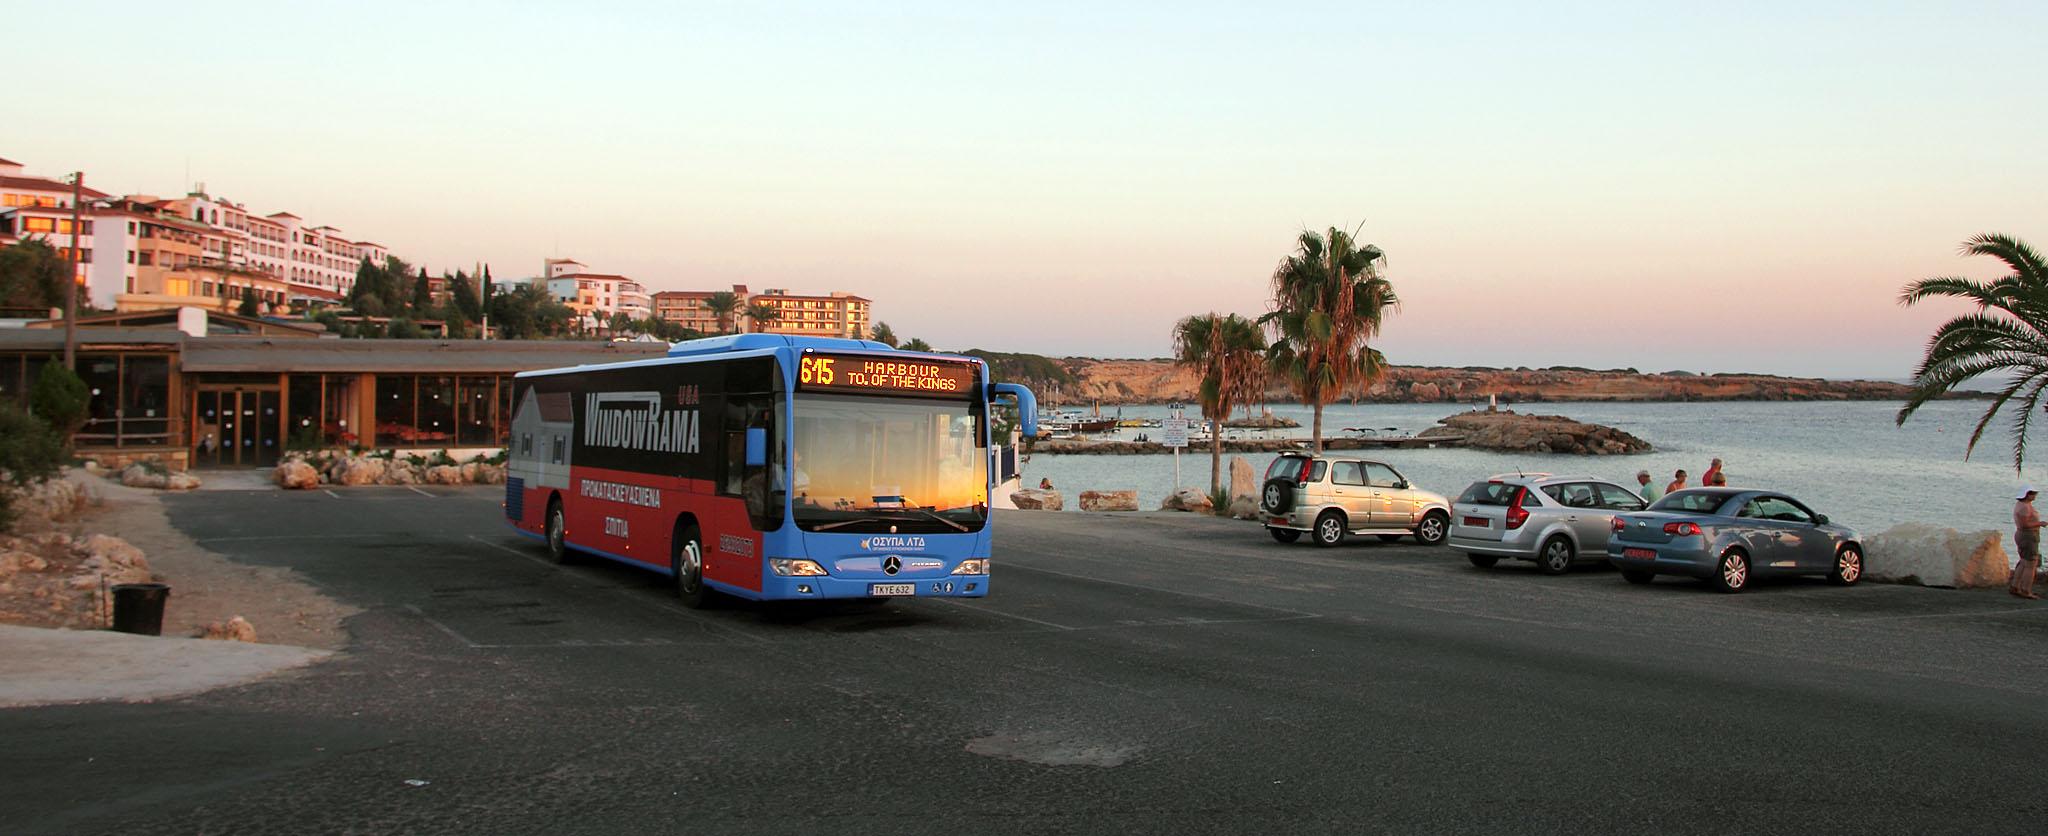 coral-bay-bus-22